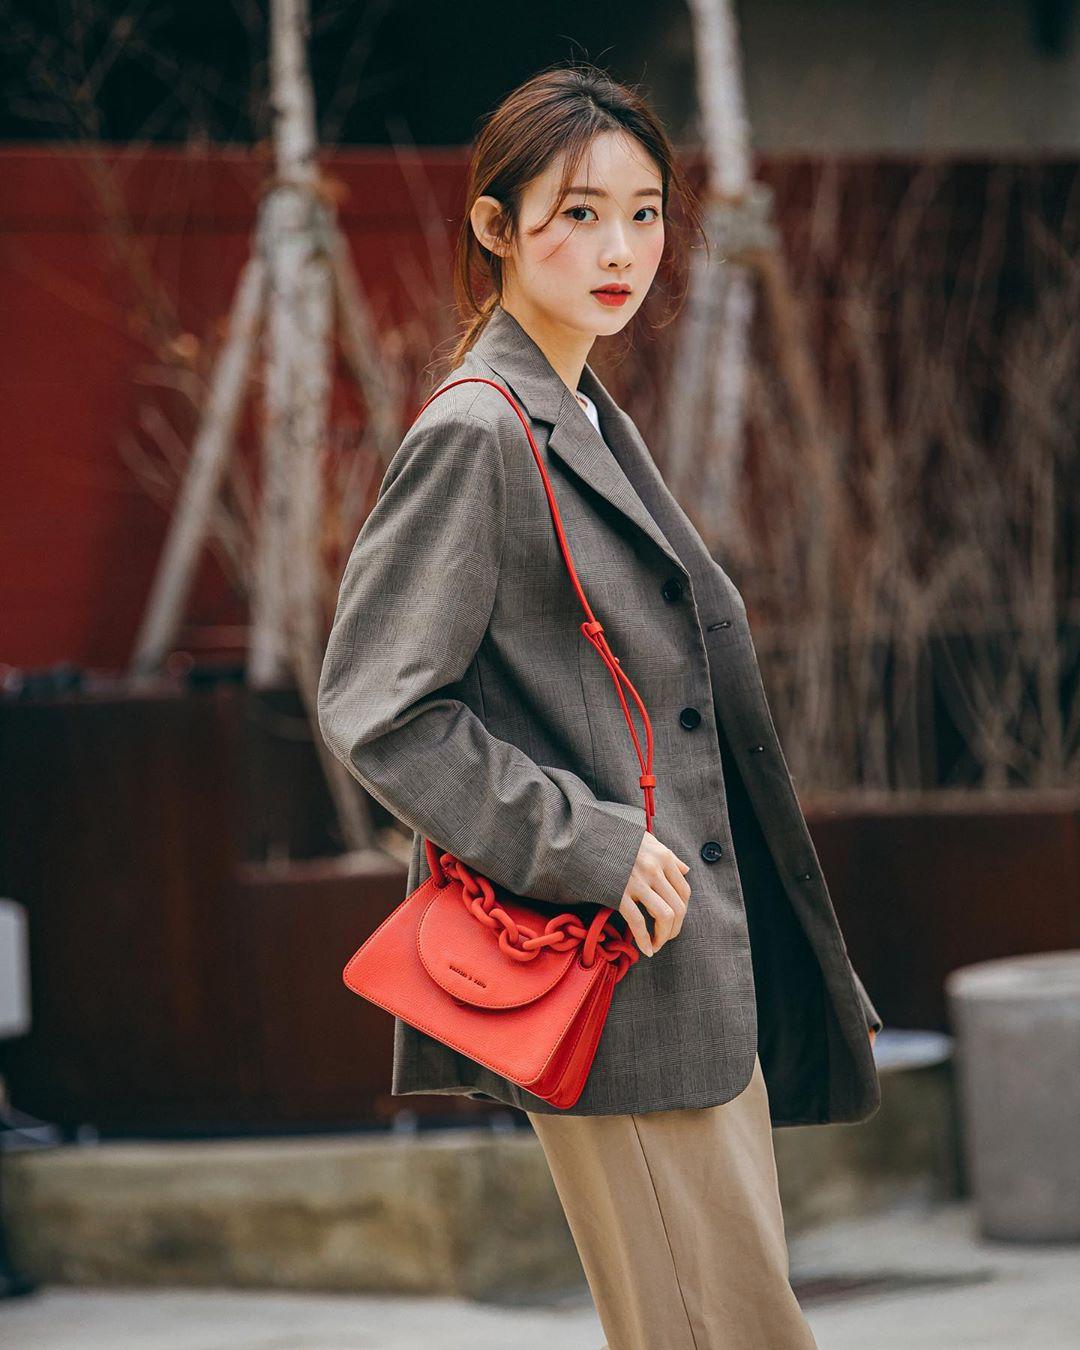 Dress code semi formal - Túi xách đỏ nôi bật